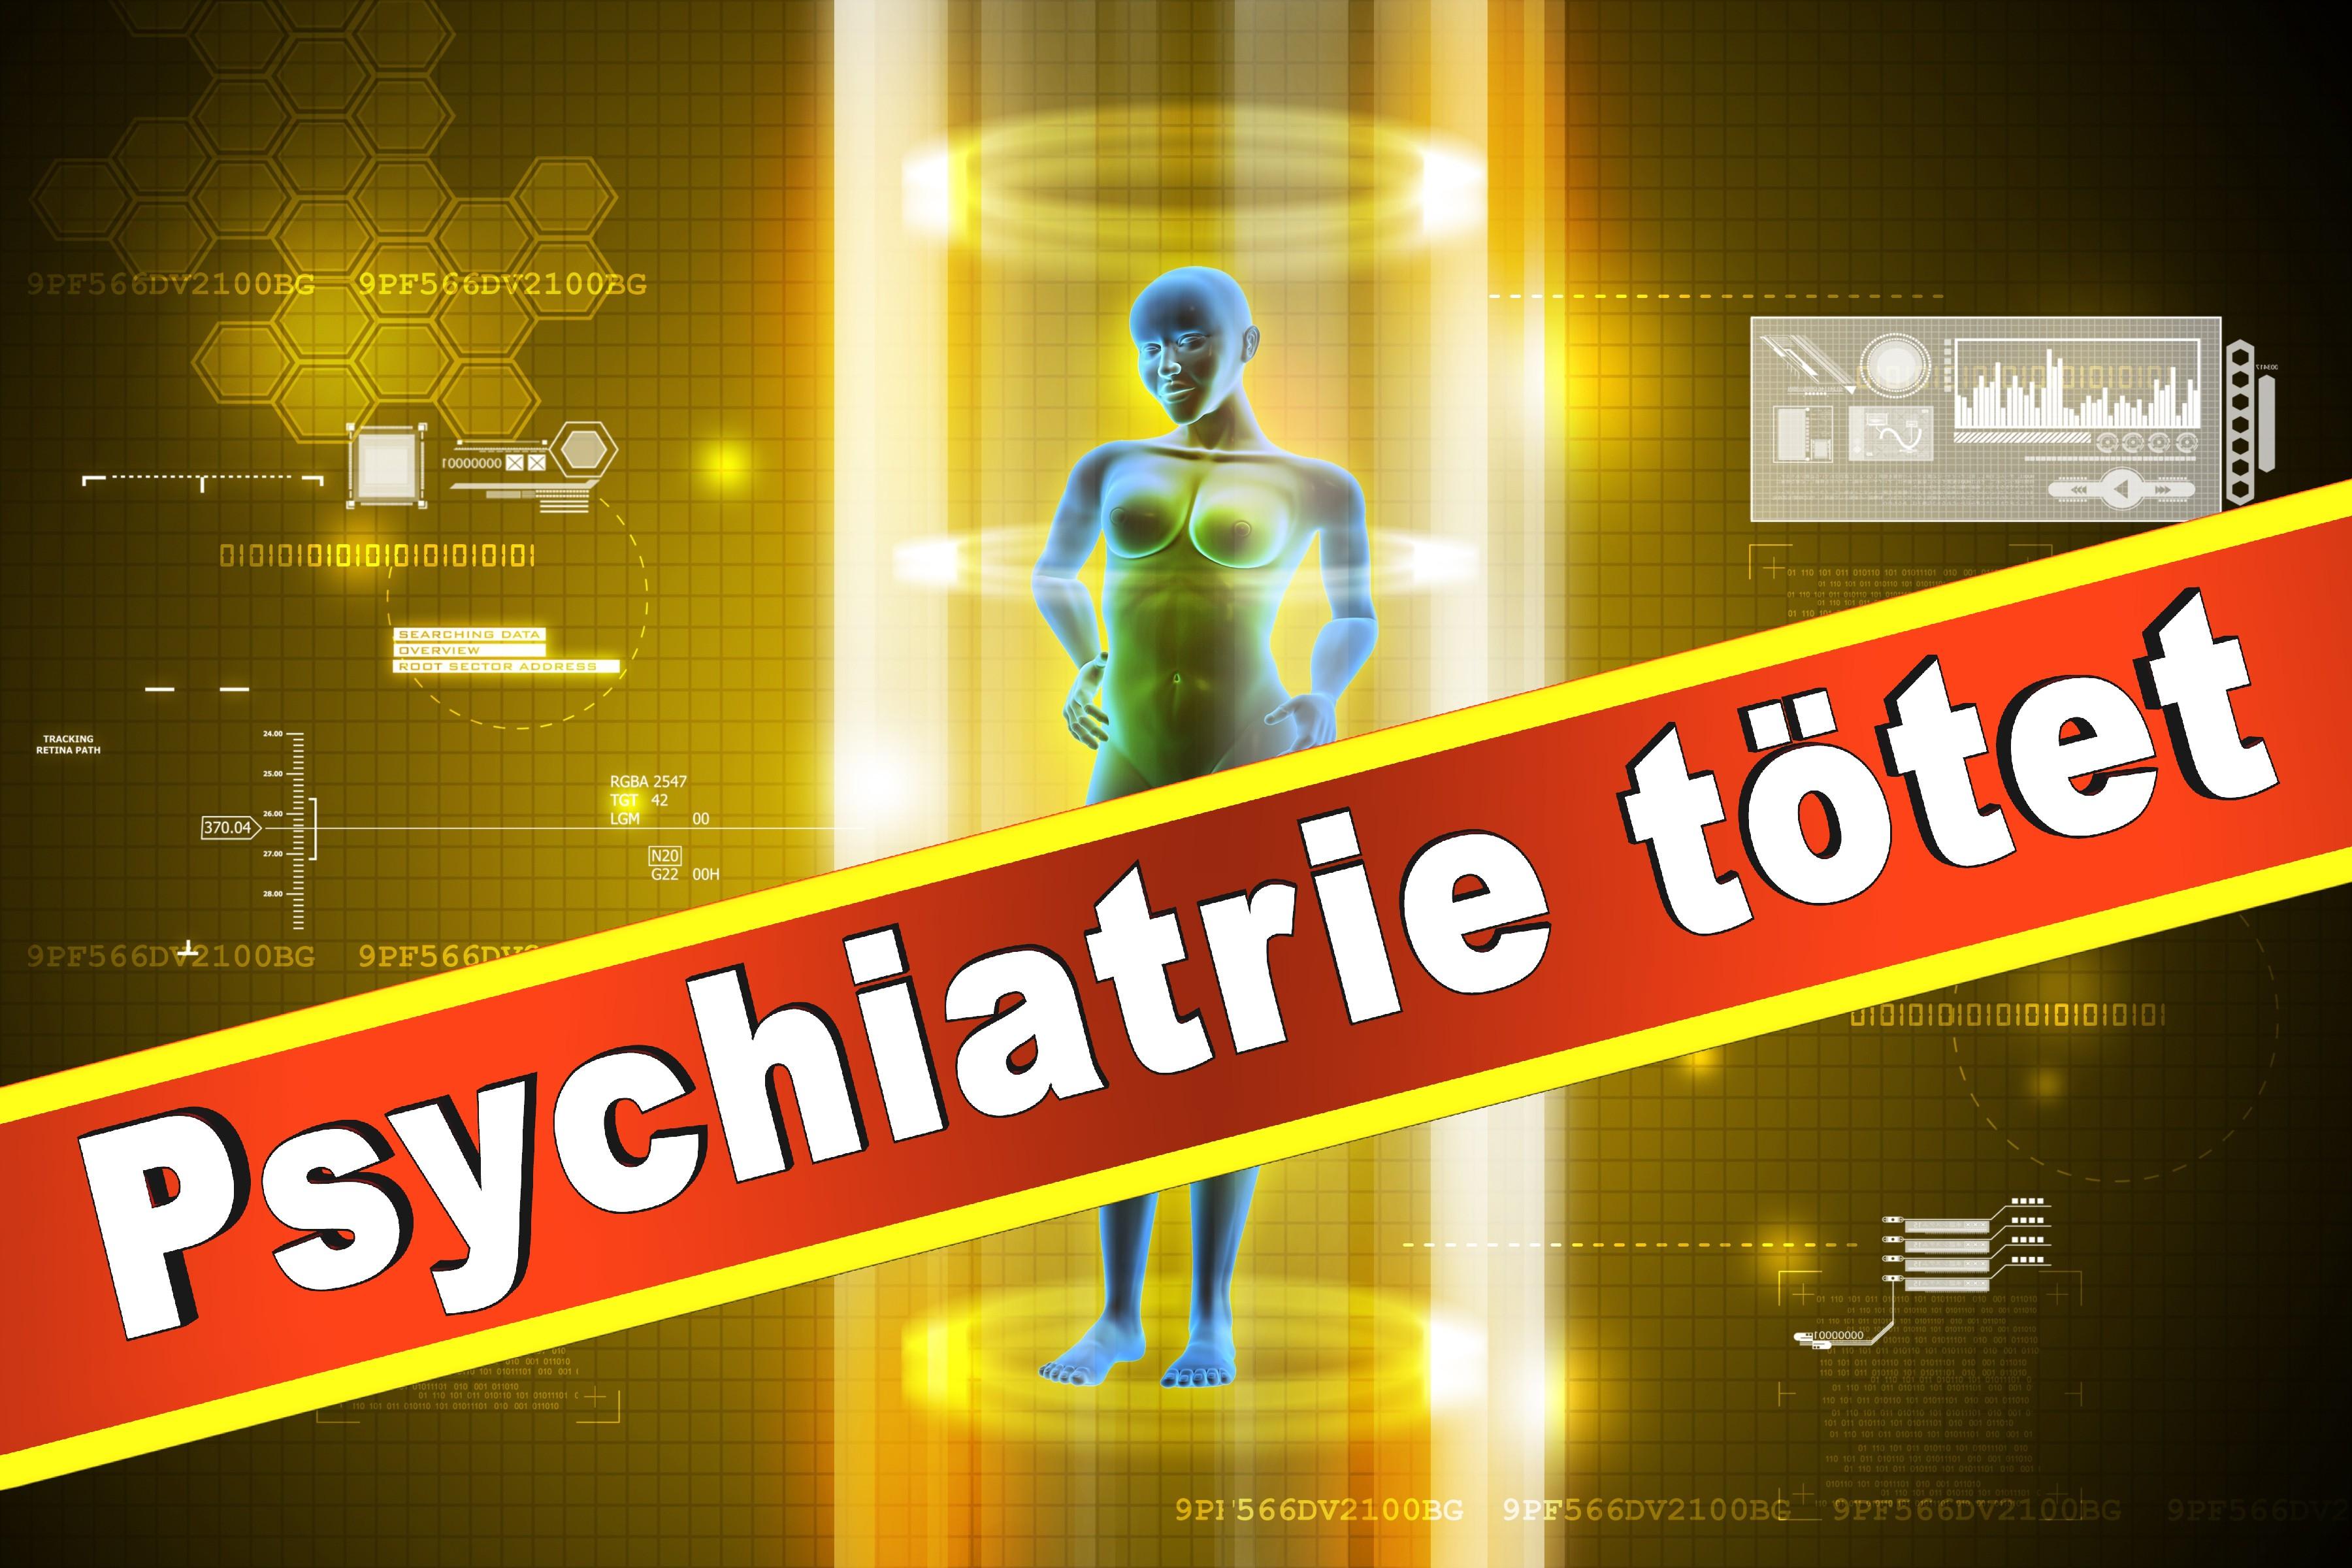 Wielant Machleidt Psychiater Psychotherapeut Professor Praxis Der Interkulturellen Psychiatrie Und Psychotherapie Medizinische Hochschule Hannover Klinik Für Psychiatrie Sozialpsychiatrie (25)